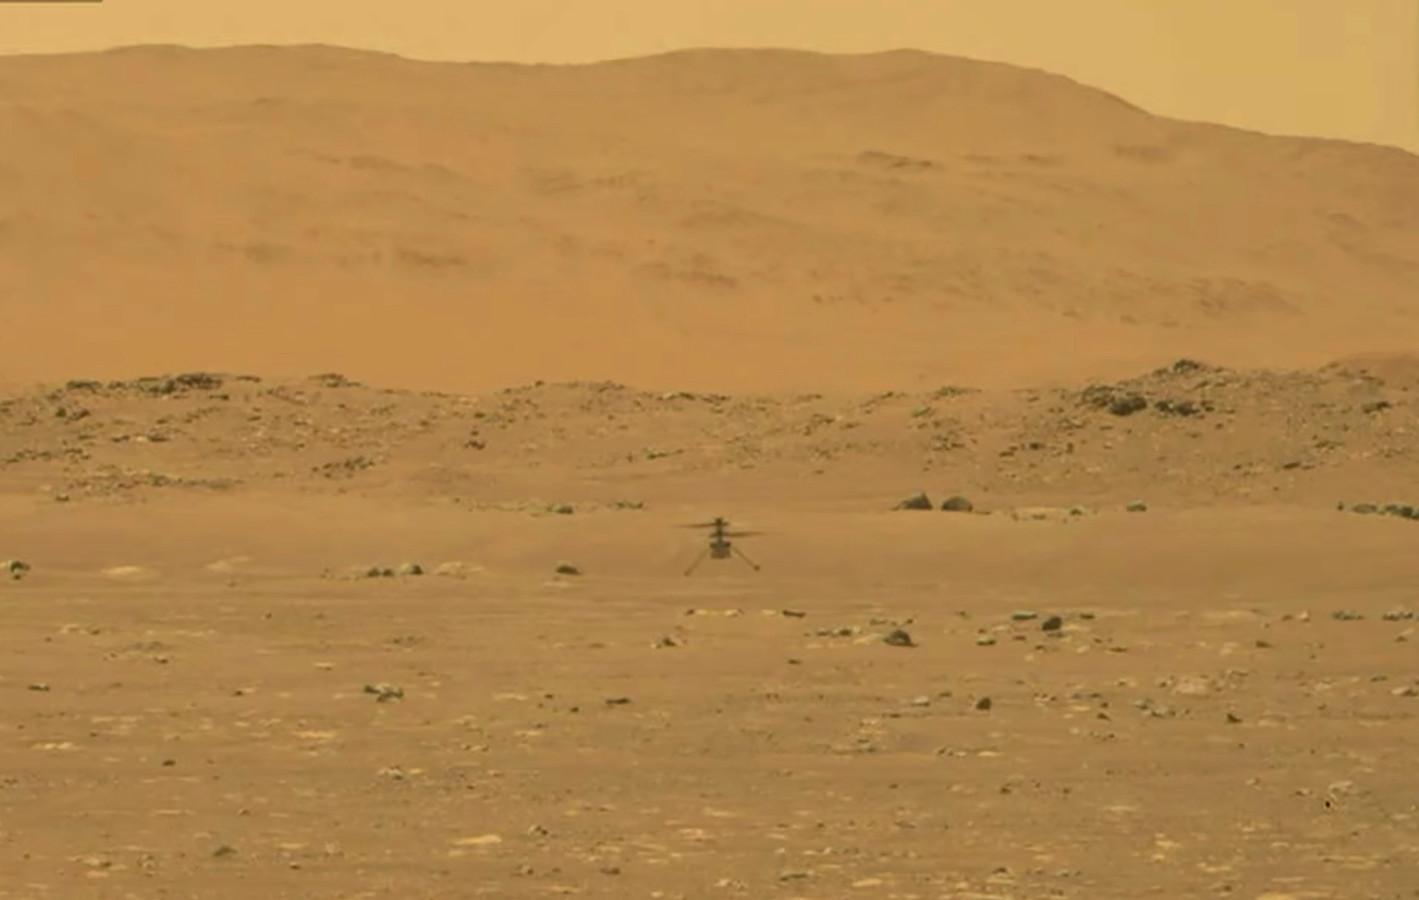 Missie geslaagd! We zien Ingenuity in de lucht hangen op de planeet Mars.